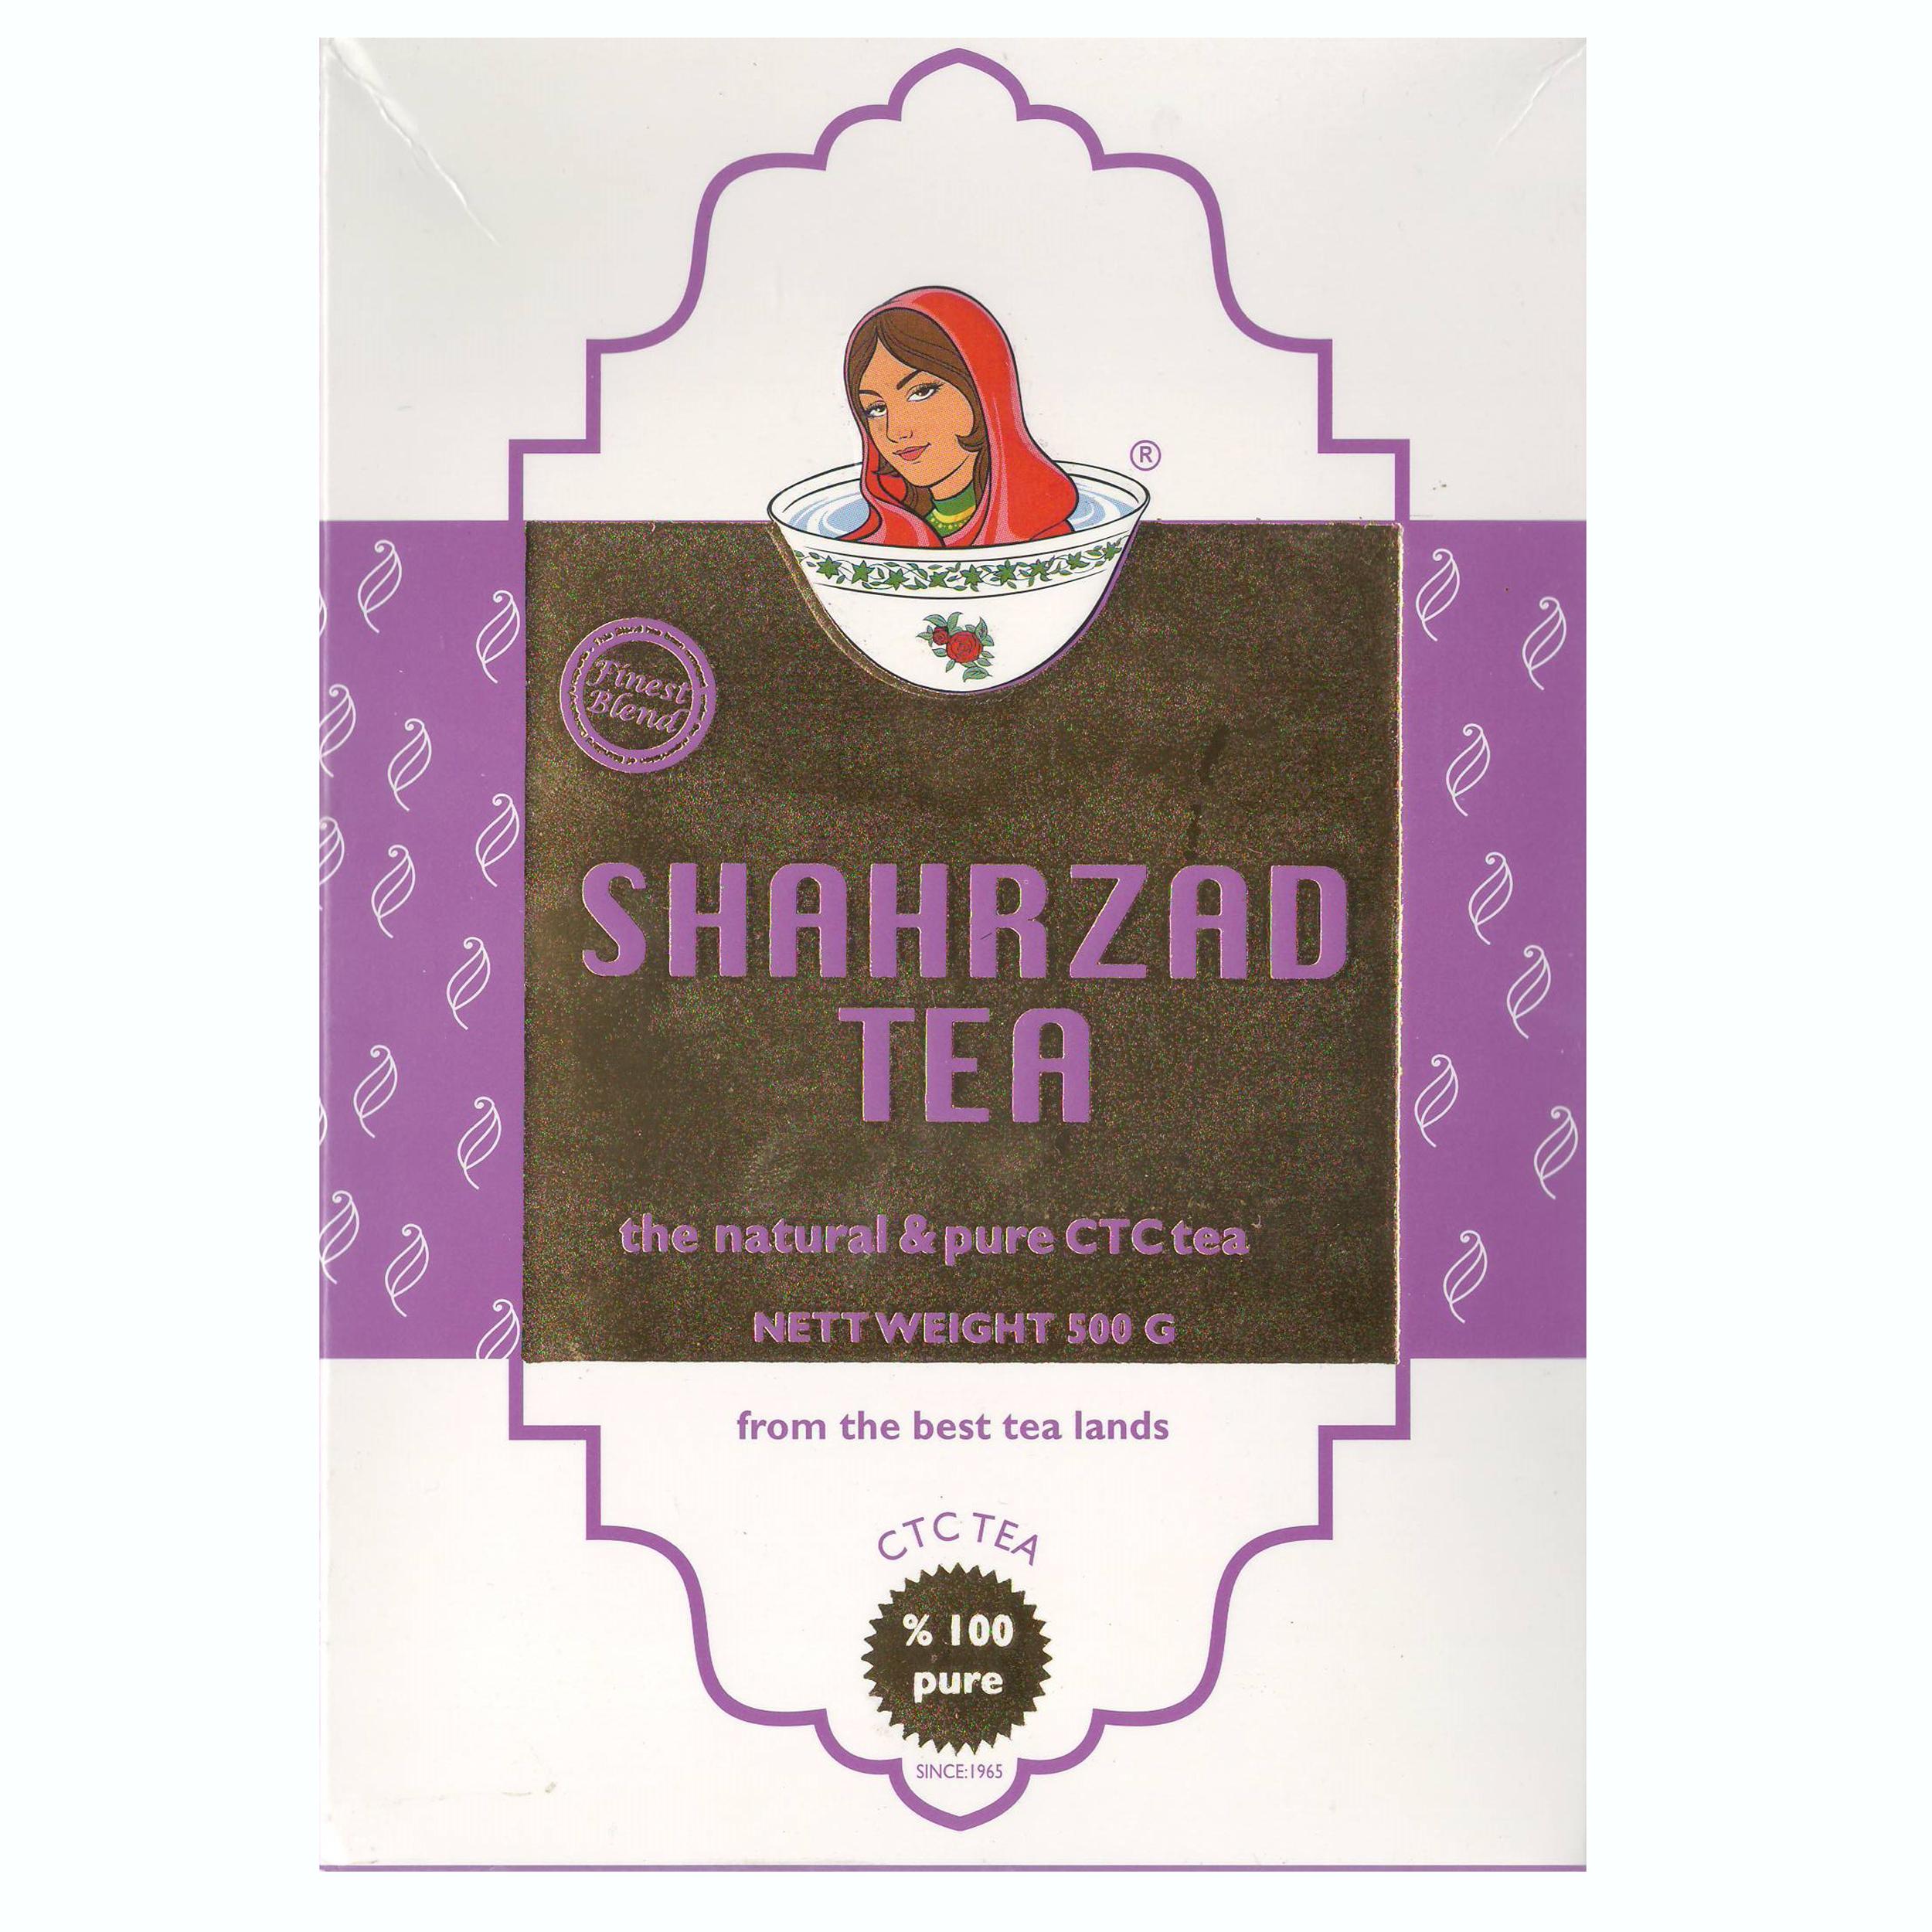 چای سیاه خالص شهرزاد - 500 گرم main 1 1